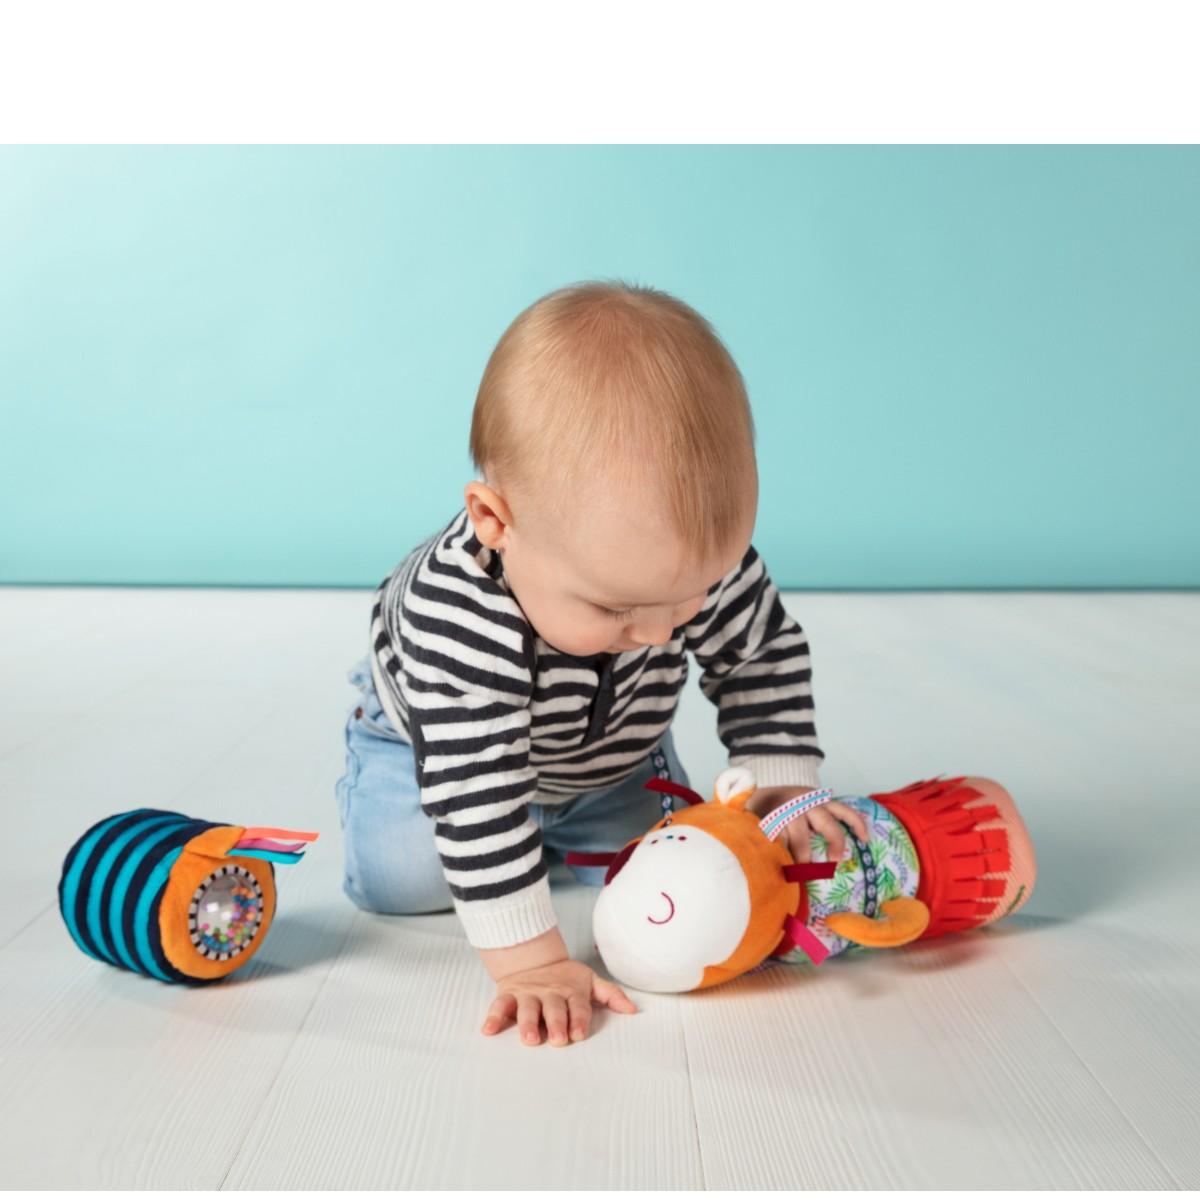 8ff21ab1054 → Legetøj 1-2 år ← Find masser af legetøj til 1-2 årige børn her